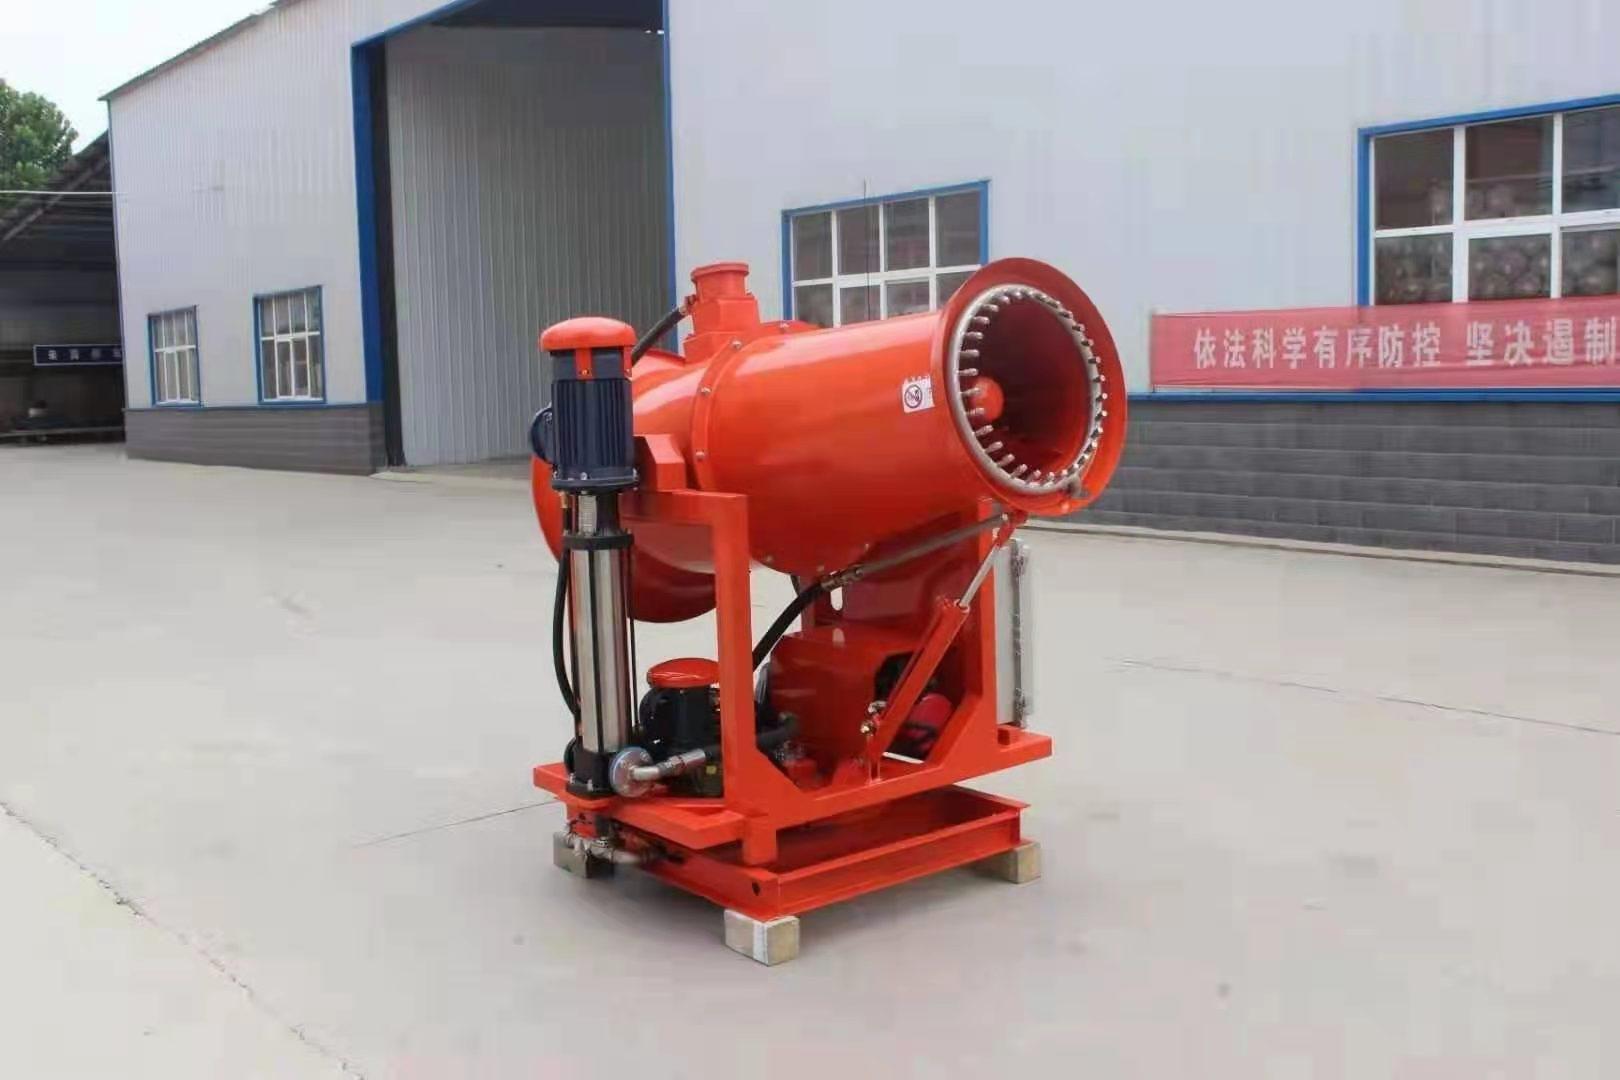 防爆冷水機的技術標準及選用原則